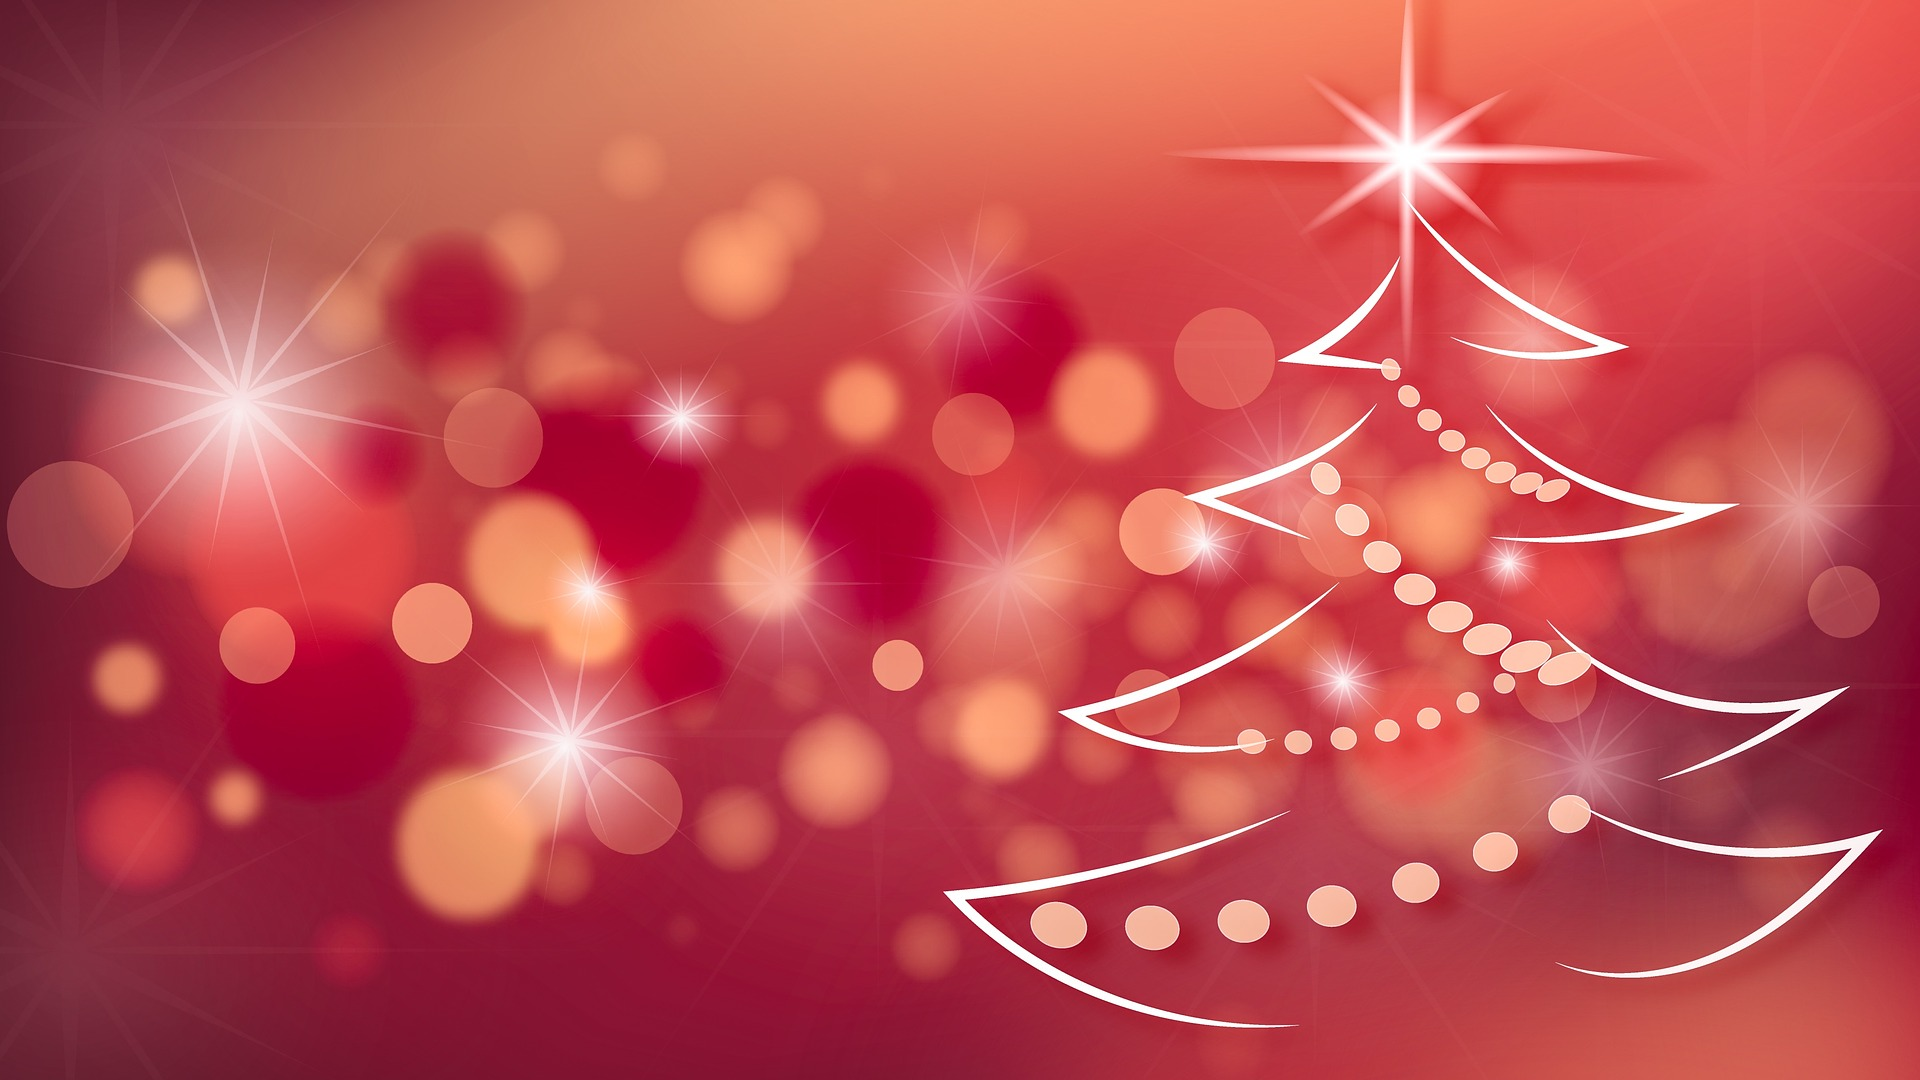 Kerstkaart 2019 de Stadstuyn